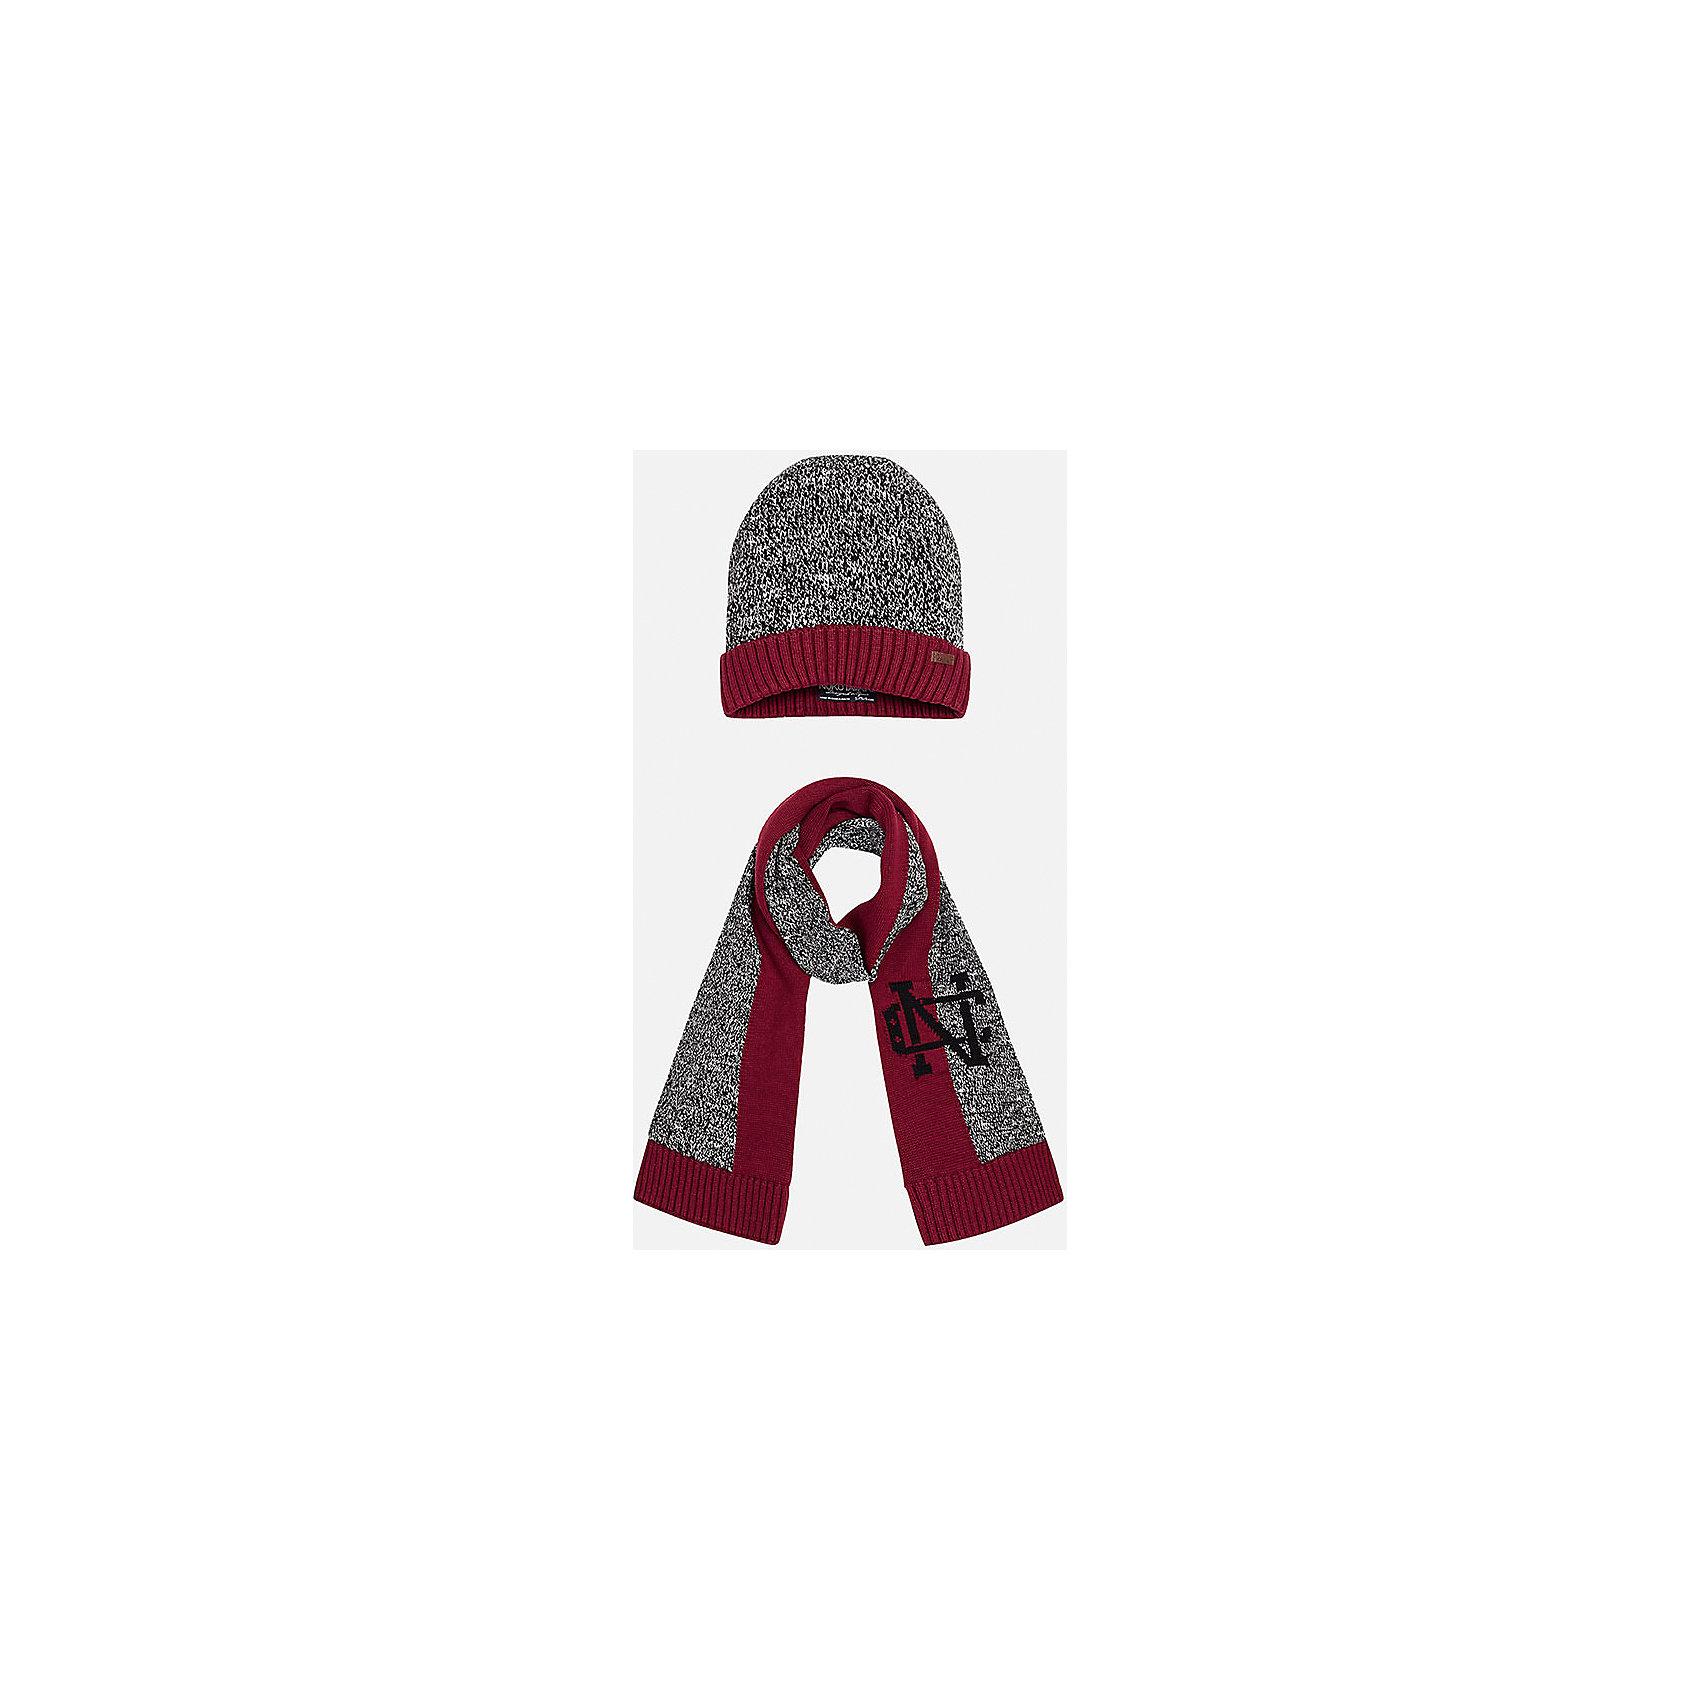 Комплект: шапка-шарф для мальчика MayoralШарфы, платки<br>Комплект из шапки и шарфа для мальчика от известного испанского бренда Mayoral. Изготовлены из 100% хлопка, приятного телу. Оригинальная расцветка с эмблемой - то, что нужно стильному джентльмену!<br>Дополнительная информация:<br>-цвет: красный/серый<br>-состав: 100% хлопок<br>Комплект из шапки и шарфа Mayoral вы можете приобрести в нашем интернет-магазине.<br><br>Ширина мм: 89<br>Глубина мм: 117<br>Высота мм: 44<br>Вес г: 155<br>Цвет: бордовый<br>Возраст от месяцев: 72<br>Возраст до месяцев: 84<br>Пол: Мужской<br>Возраст: Детский<br>Размер: 54,52<br>SKU: 4820292